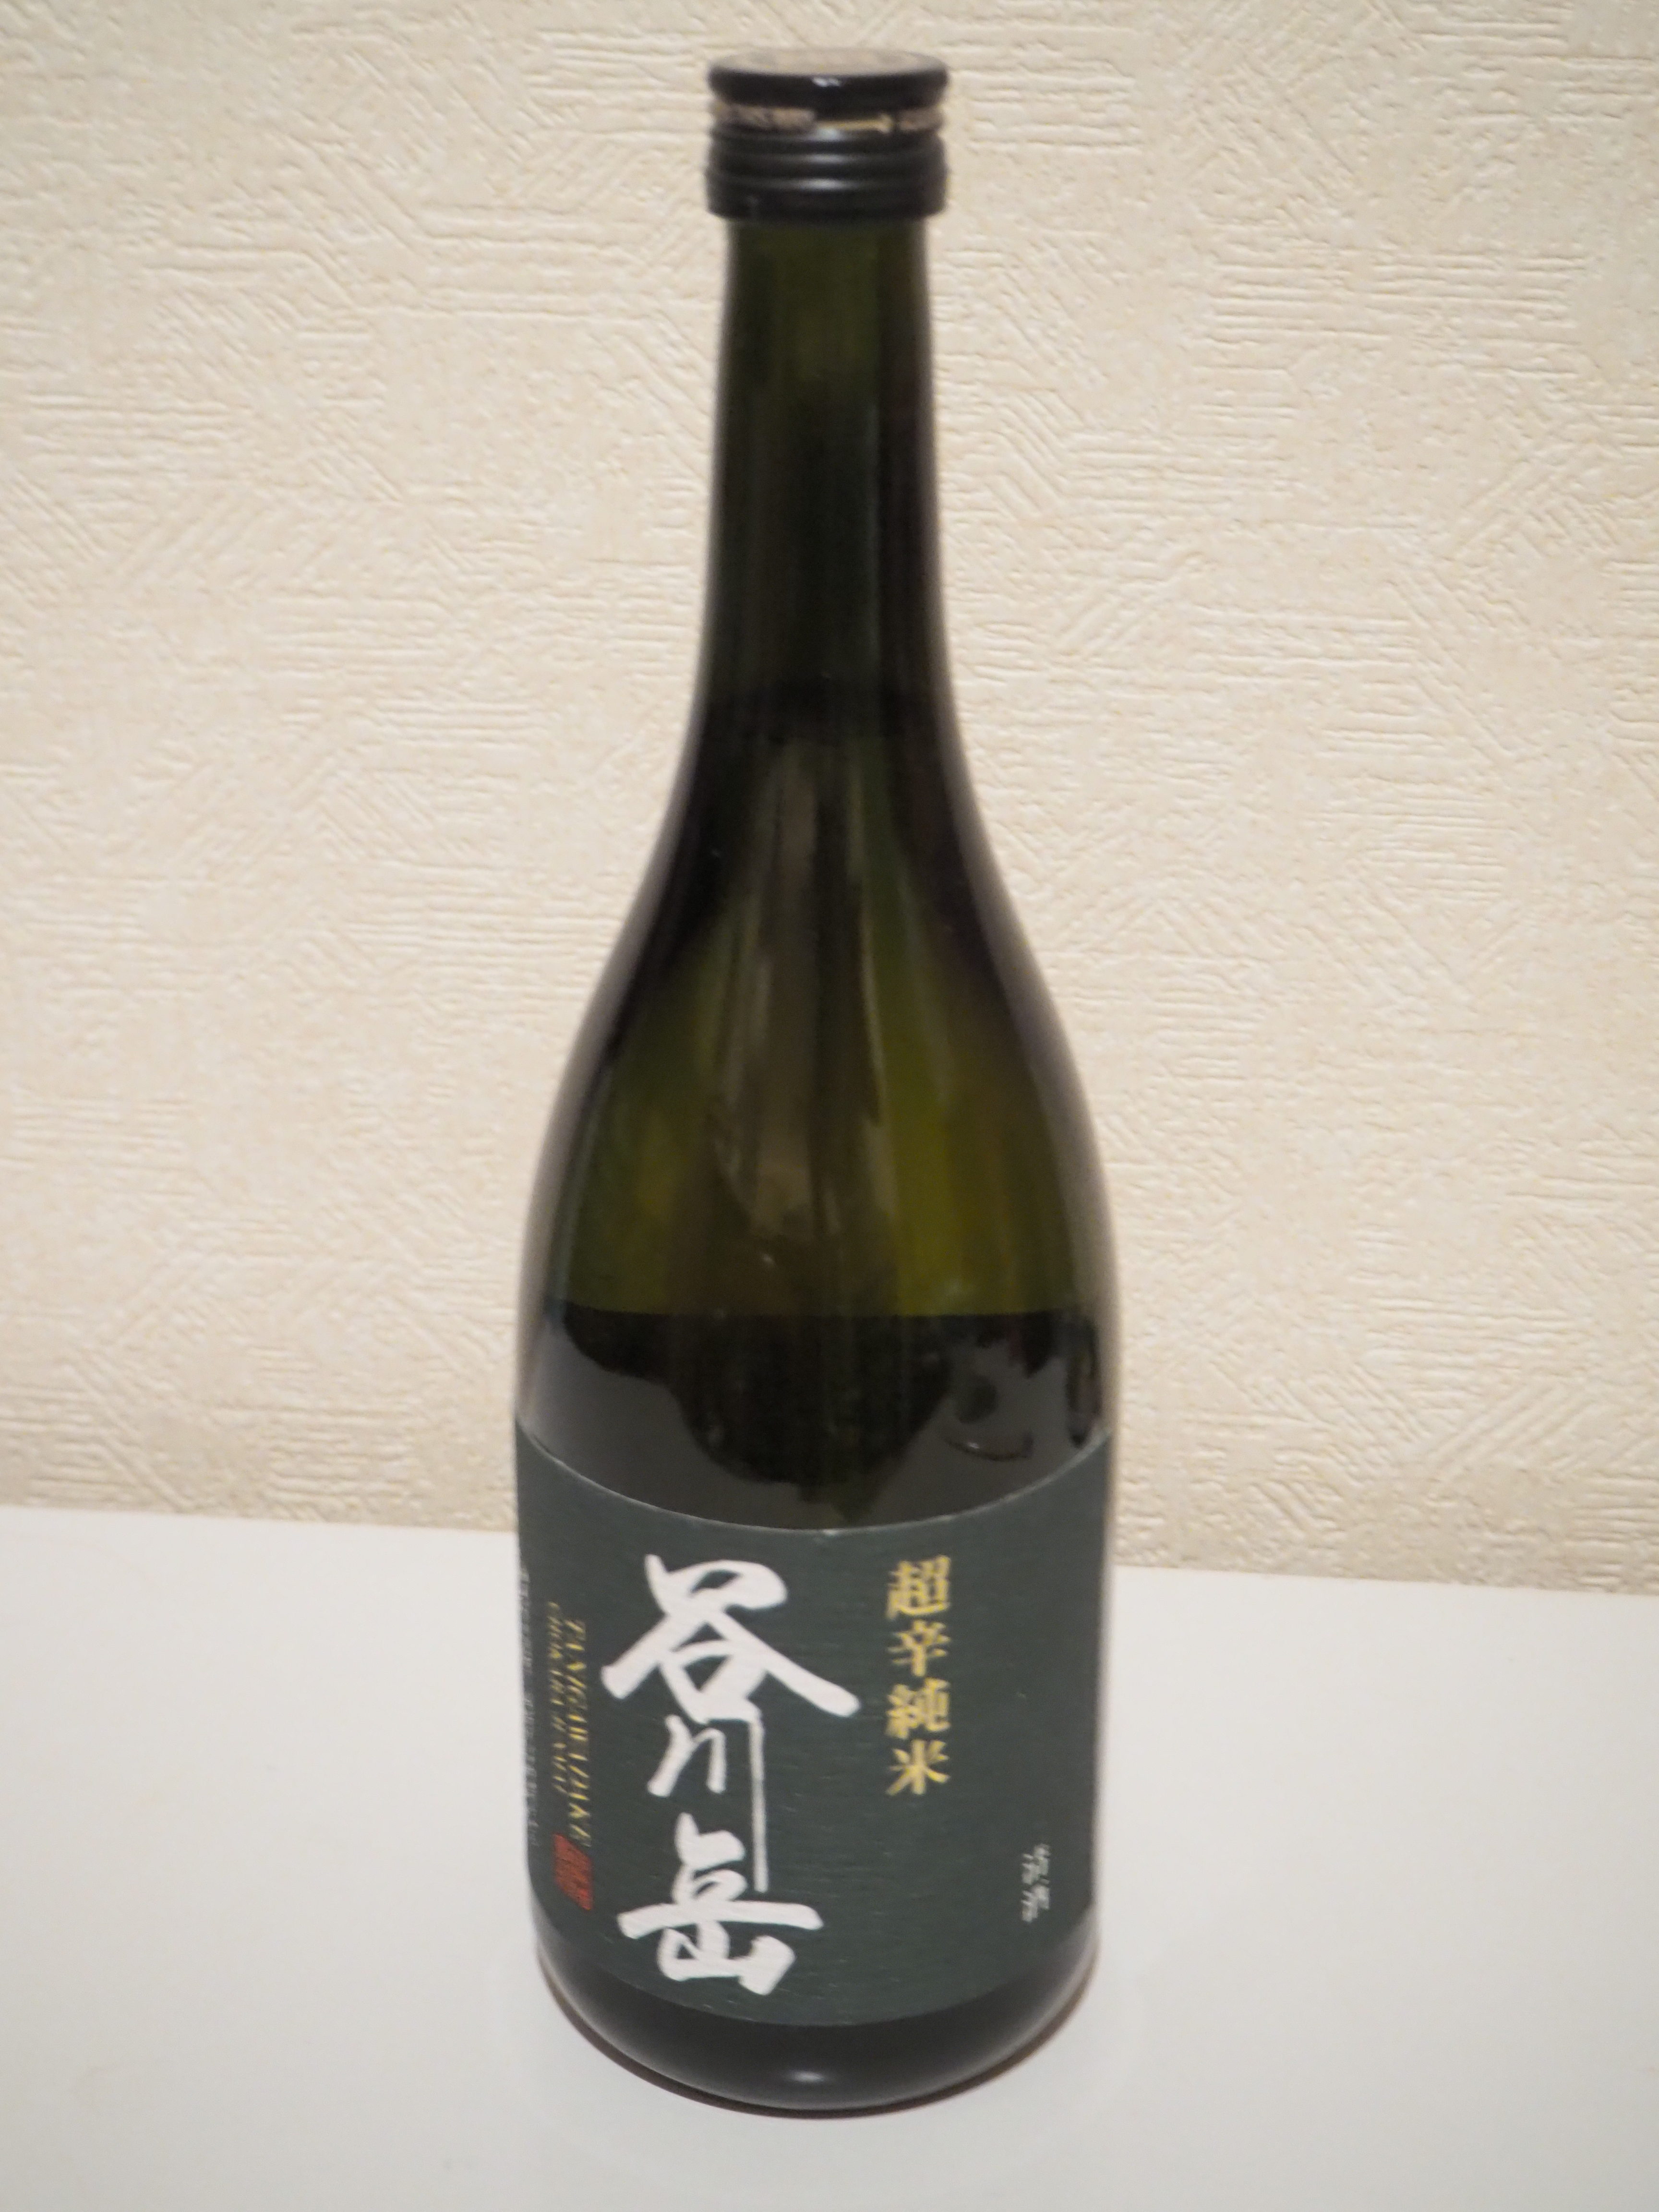 谷川岳 超辛純米